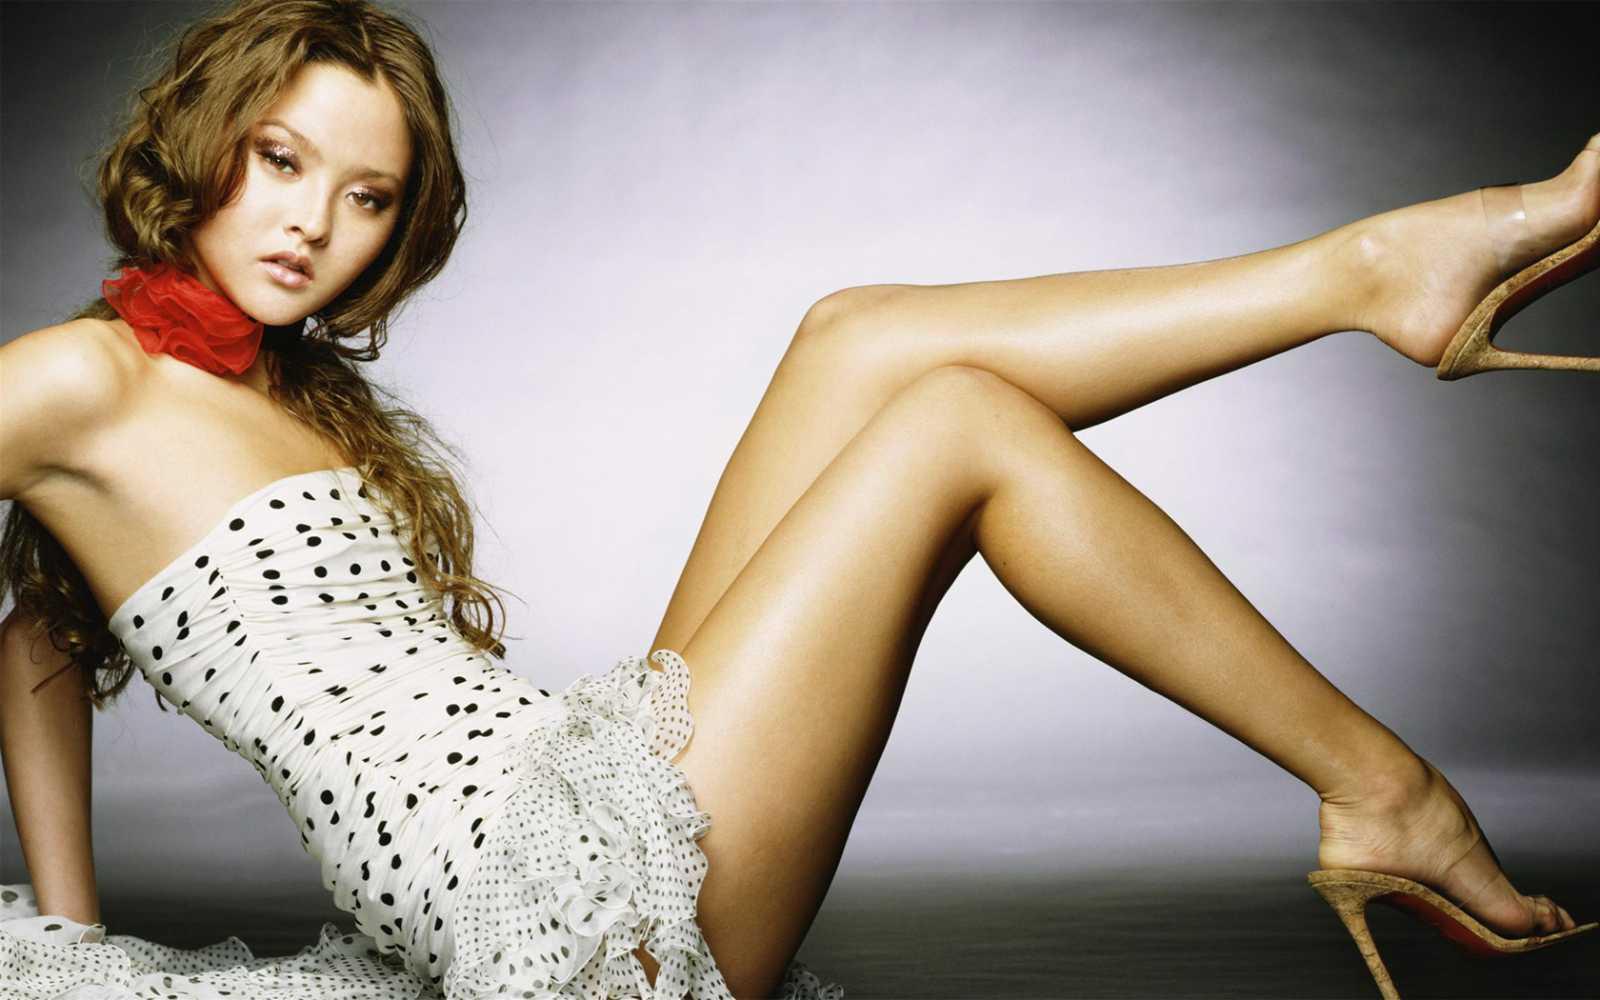 Самая сладкая голая девочка фото, Завораживающие фото обнаженных девушек от 10 фотография